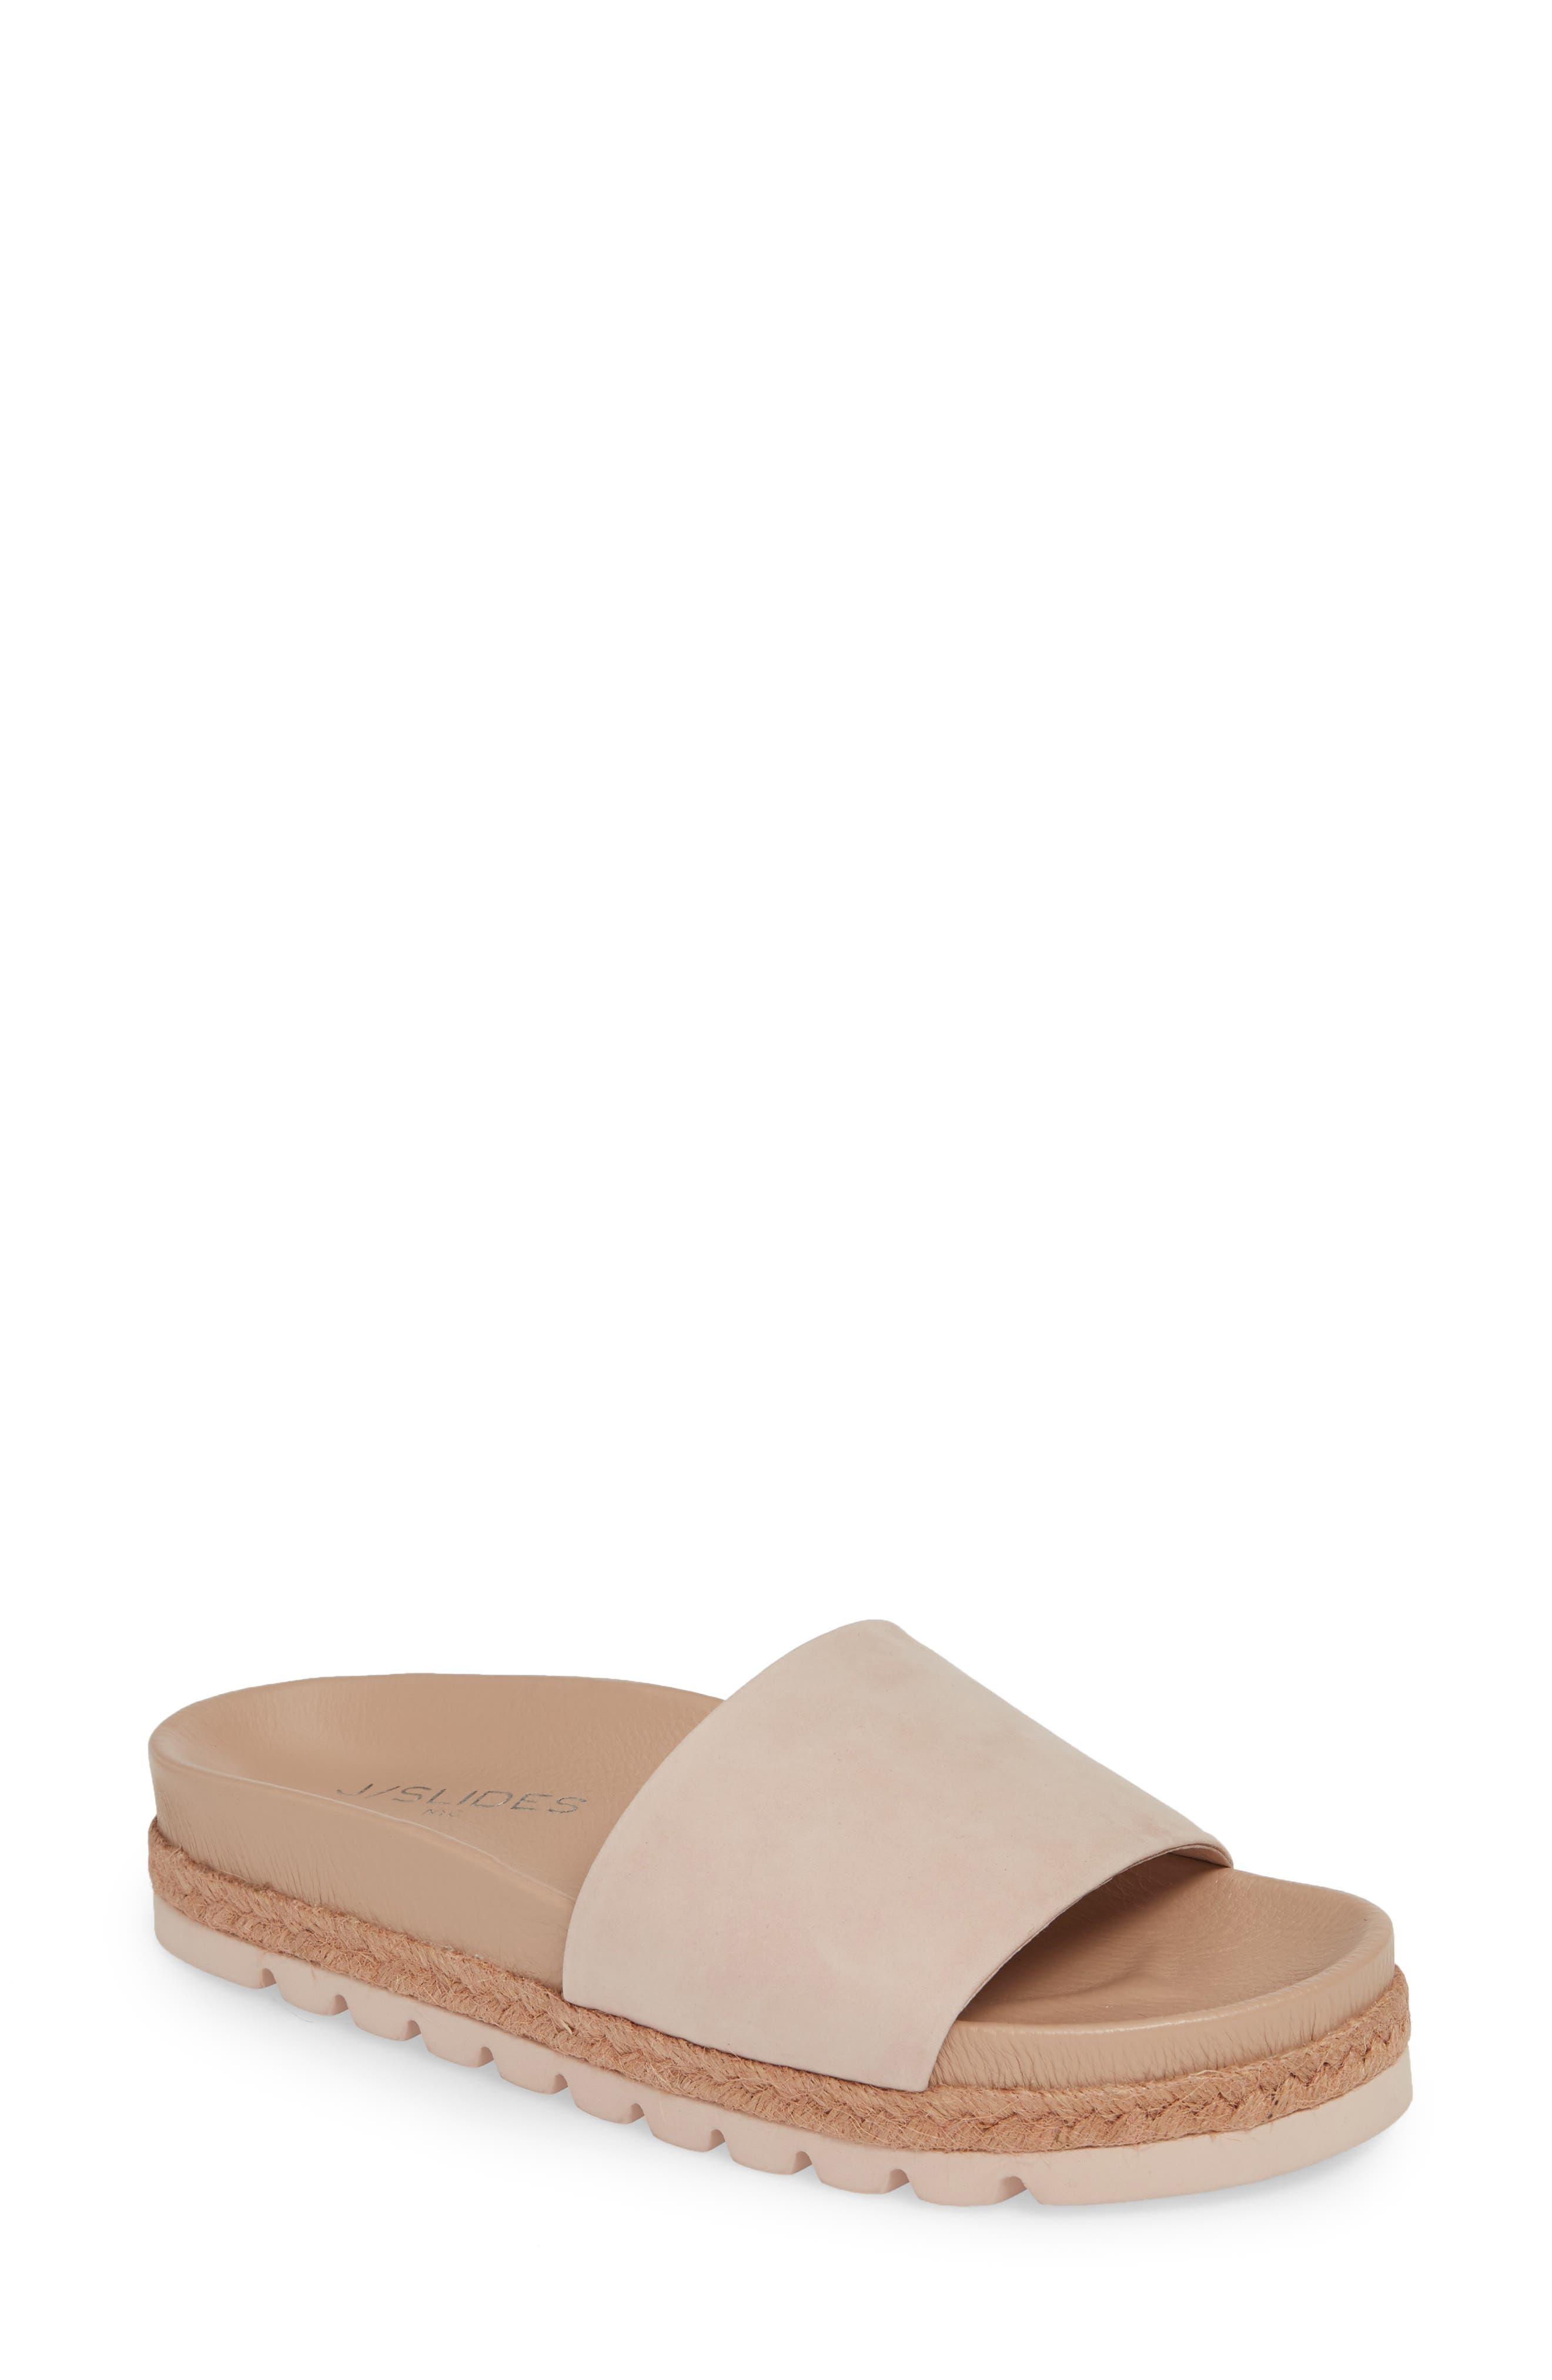 Jslides Espadrille Slide Sandal, Pink